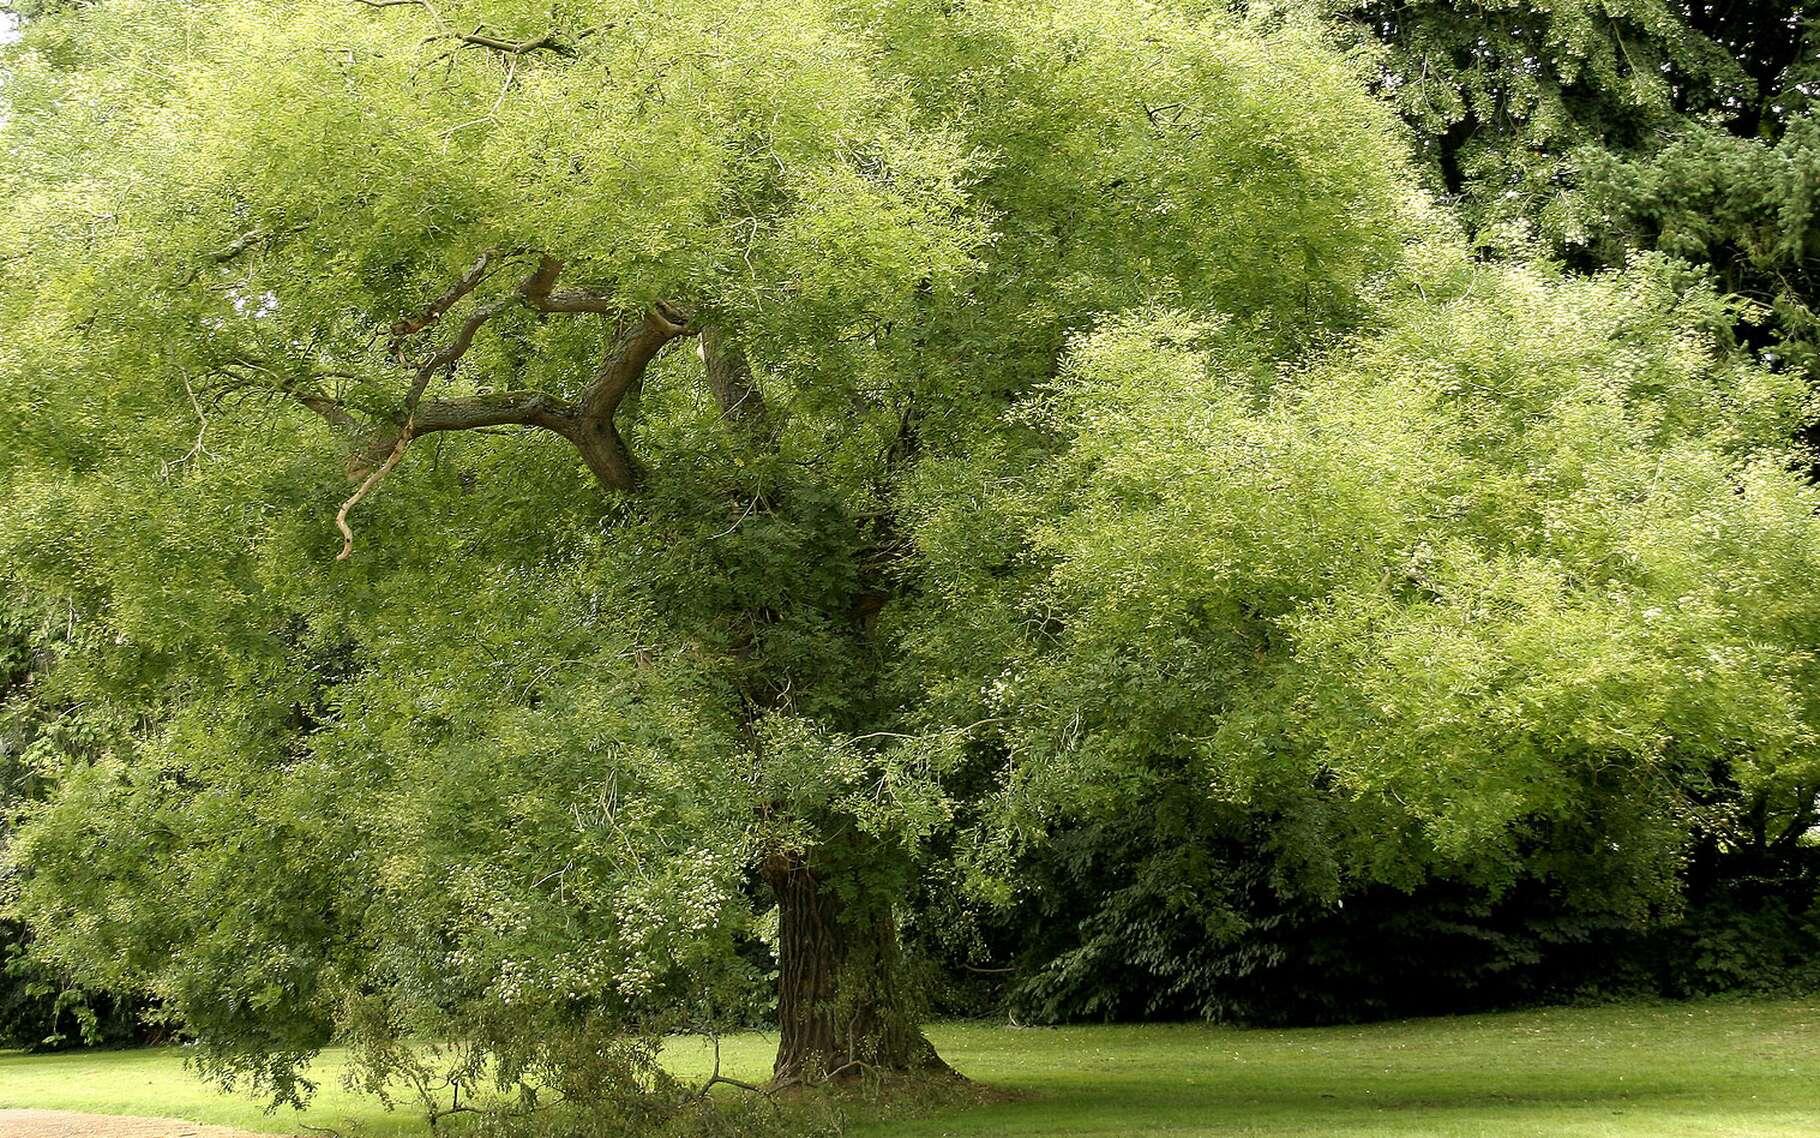 Le sophora est aussi appelé arbre des pagodes. © Amehare-Flickr CC by nc nd 20